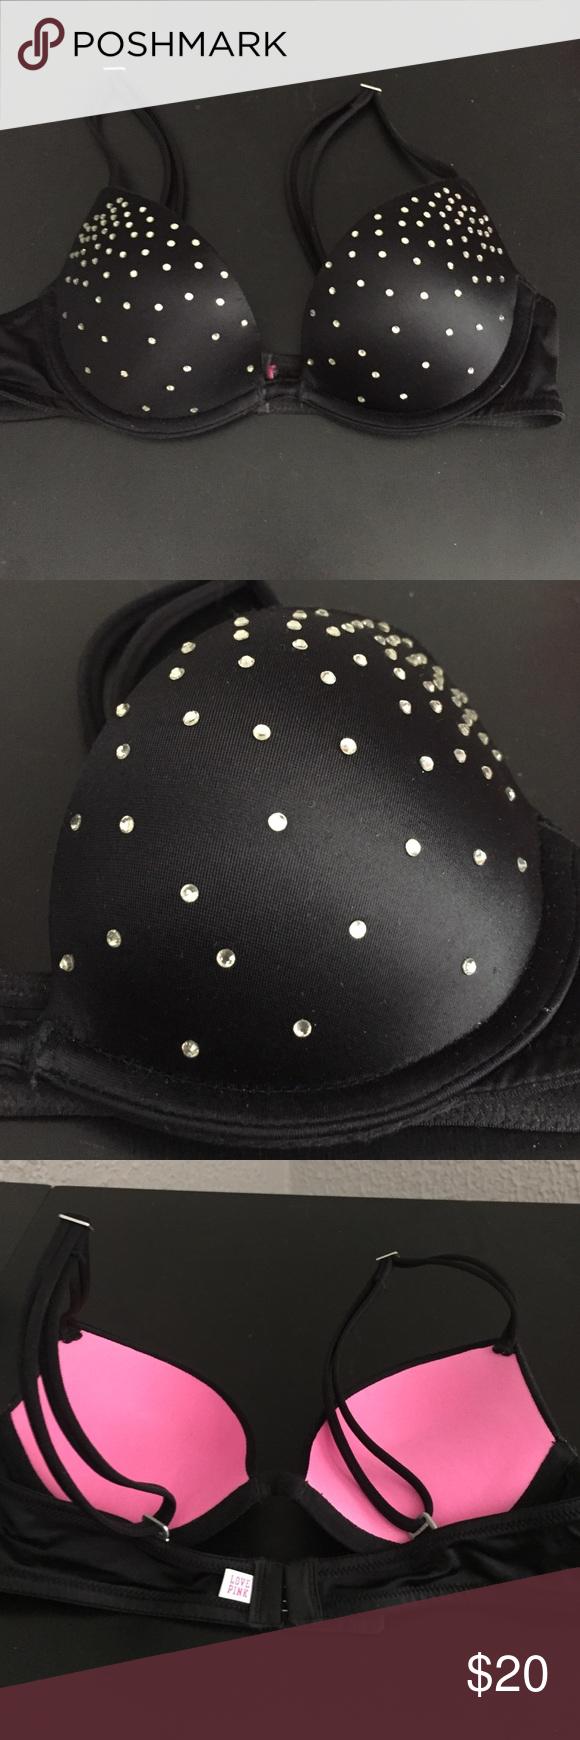 black vspink bra black pushup bra. gems all over. worn once. vspink. PINK Victoria's Secret Intimates & Sleepwear Bras